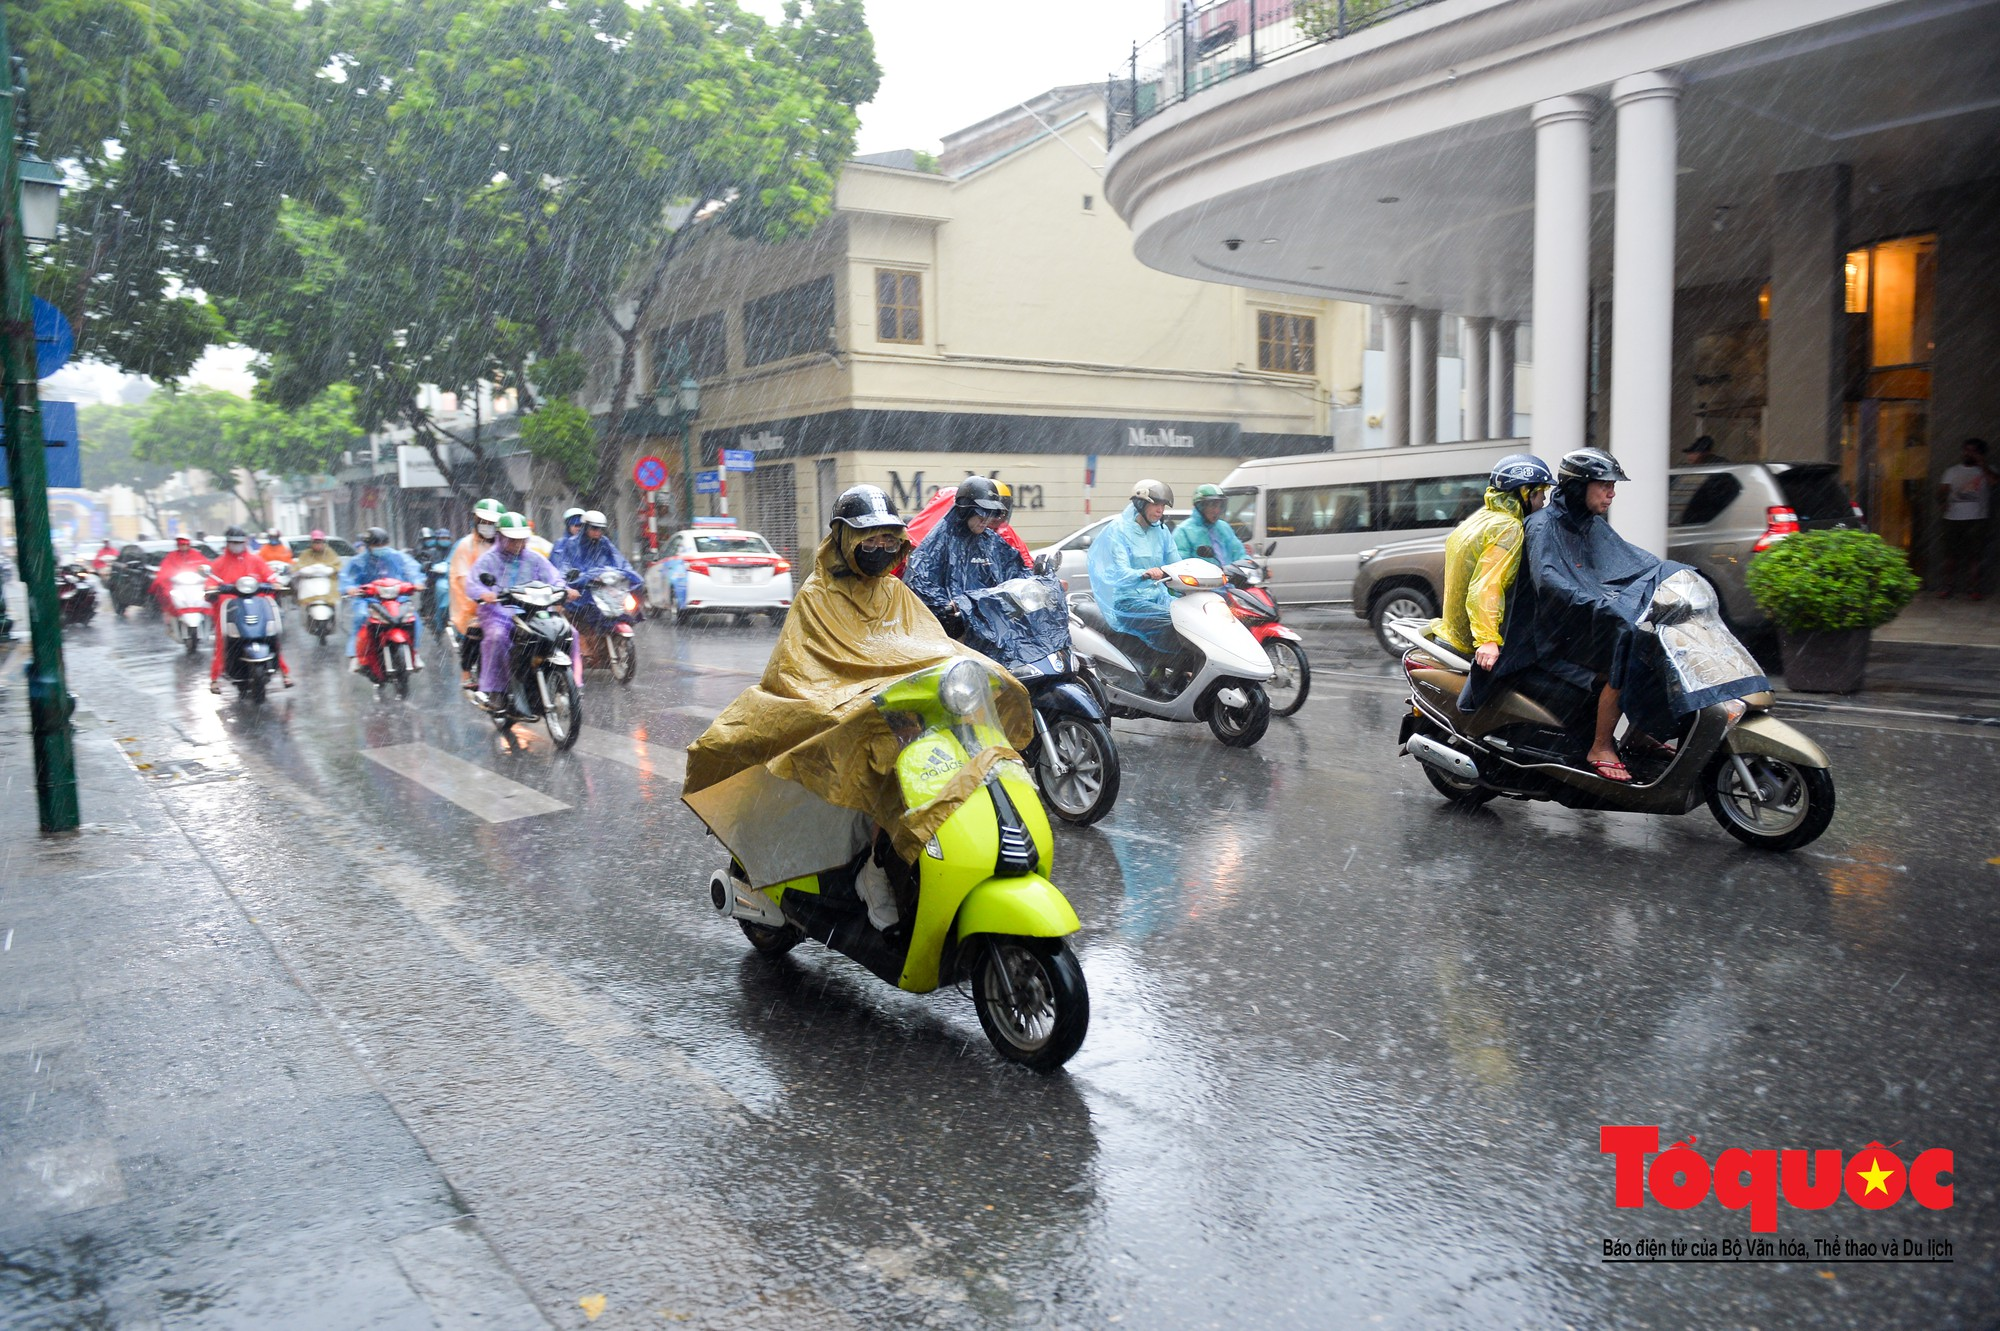 Cơn mưa lớn bất trợt khiến không khí ở thủ đô Hà Nội giảm bụi ô nhiễm nhanh chóng13